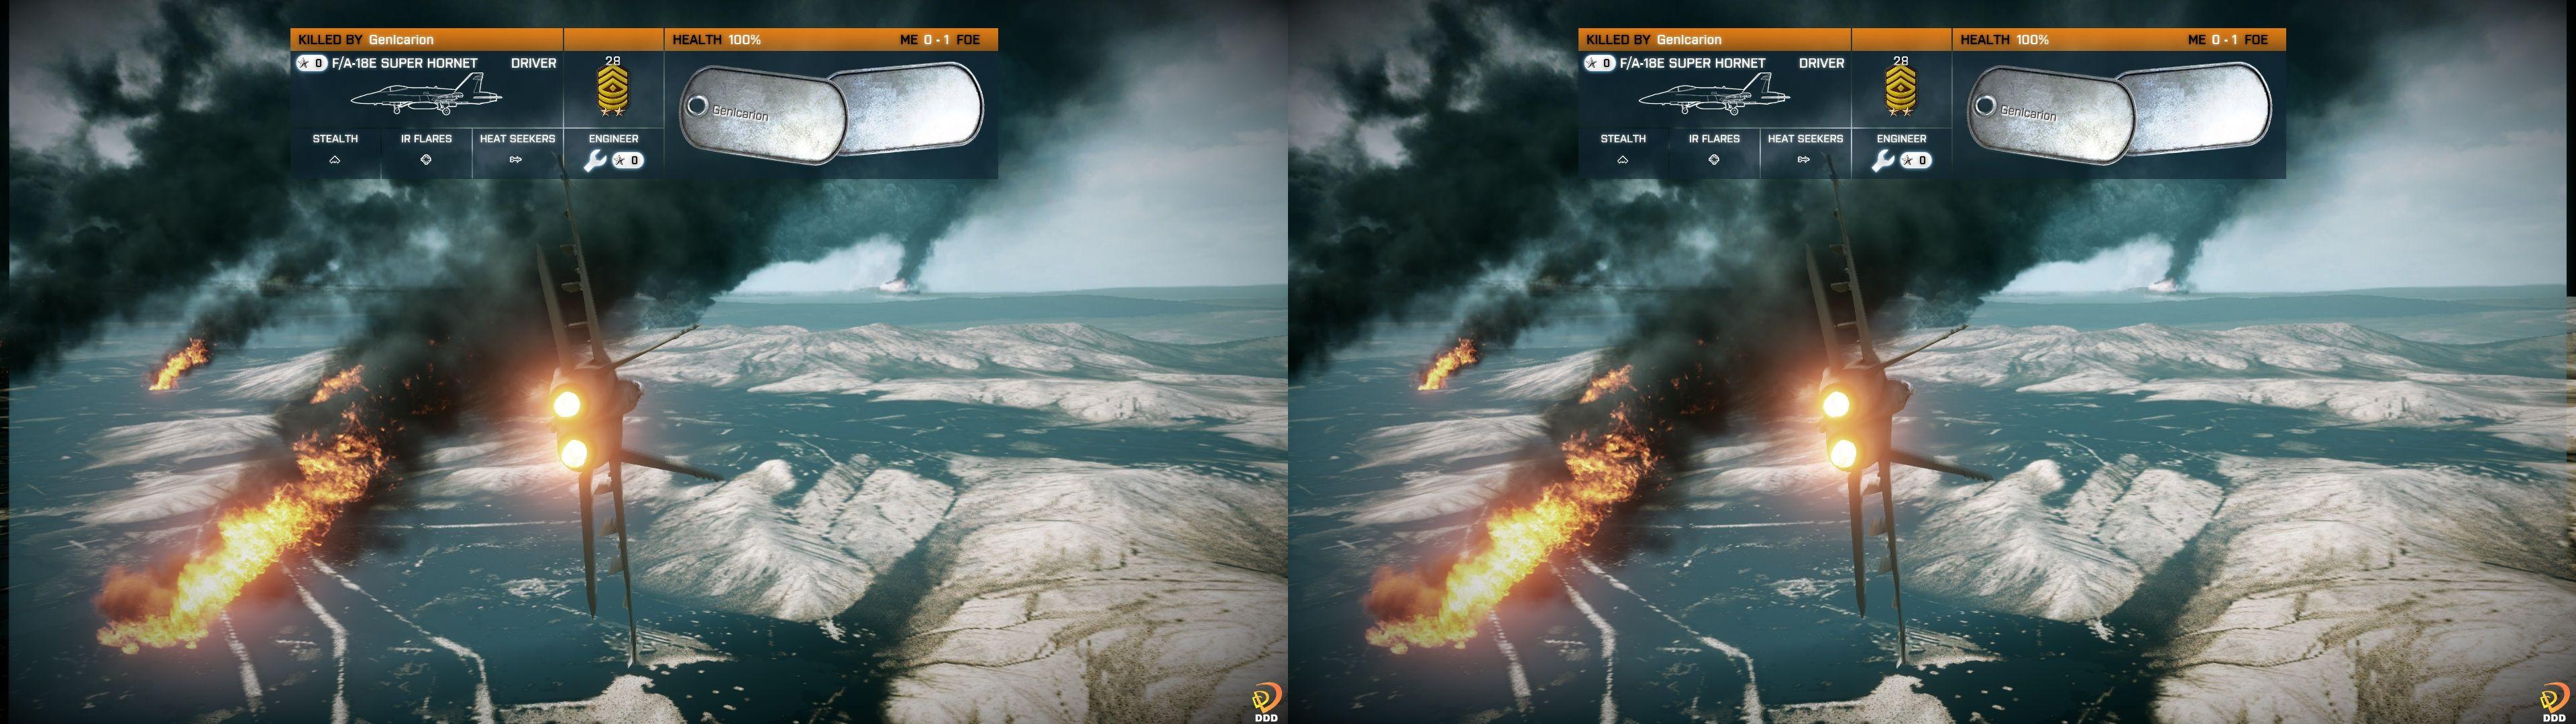 Скачать драйвера на battlefield 3